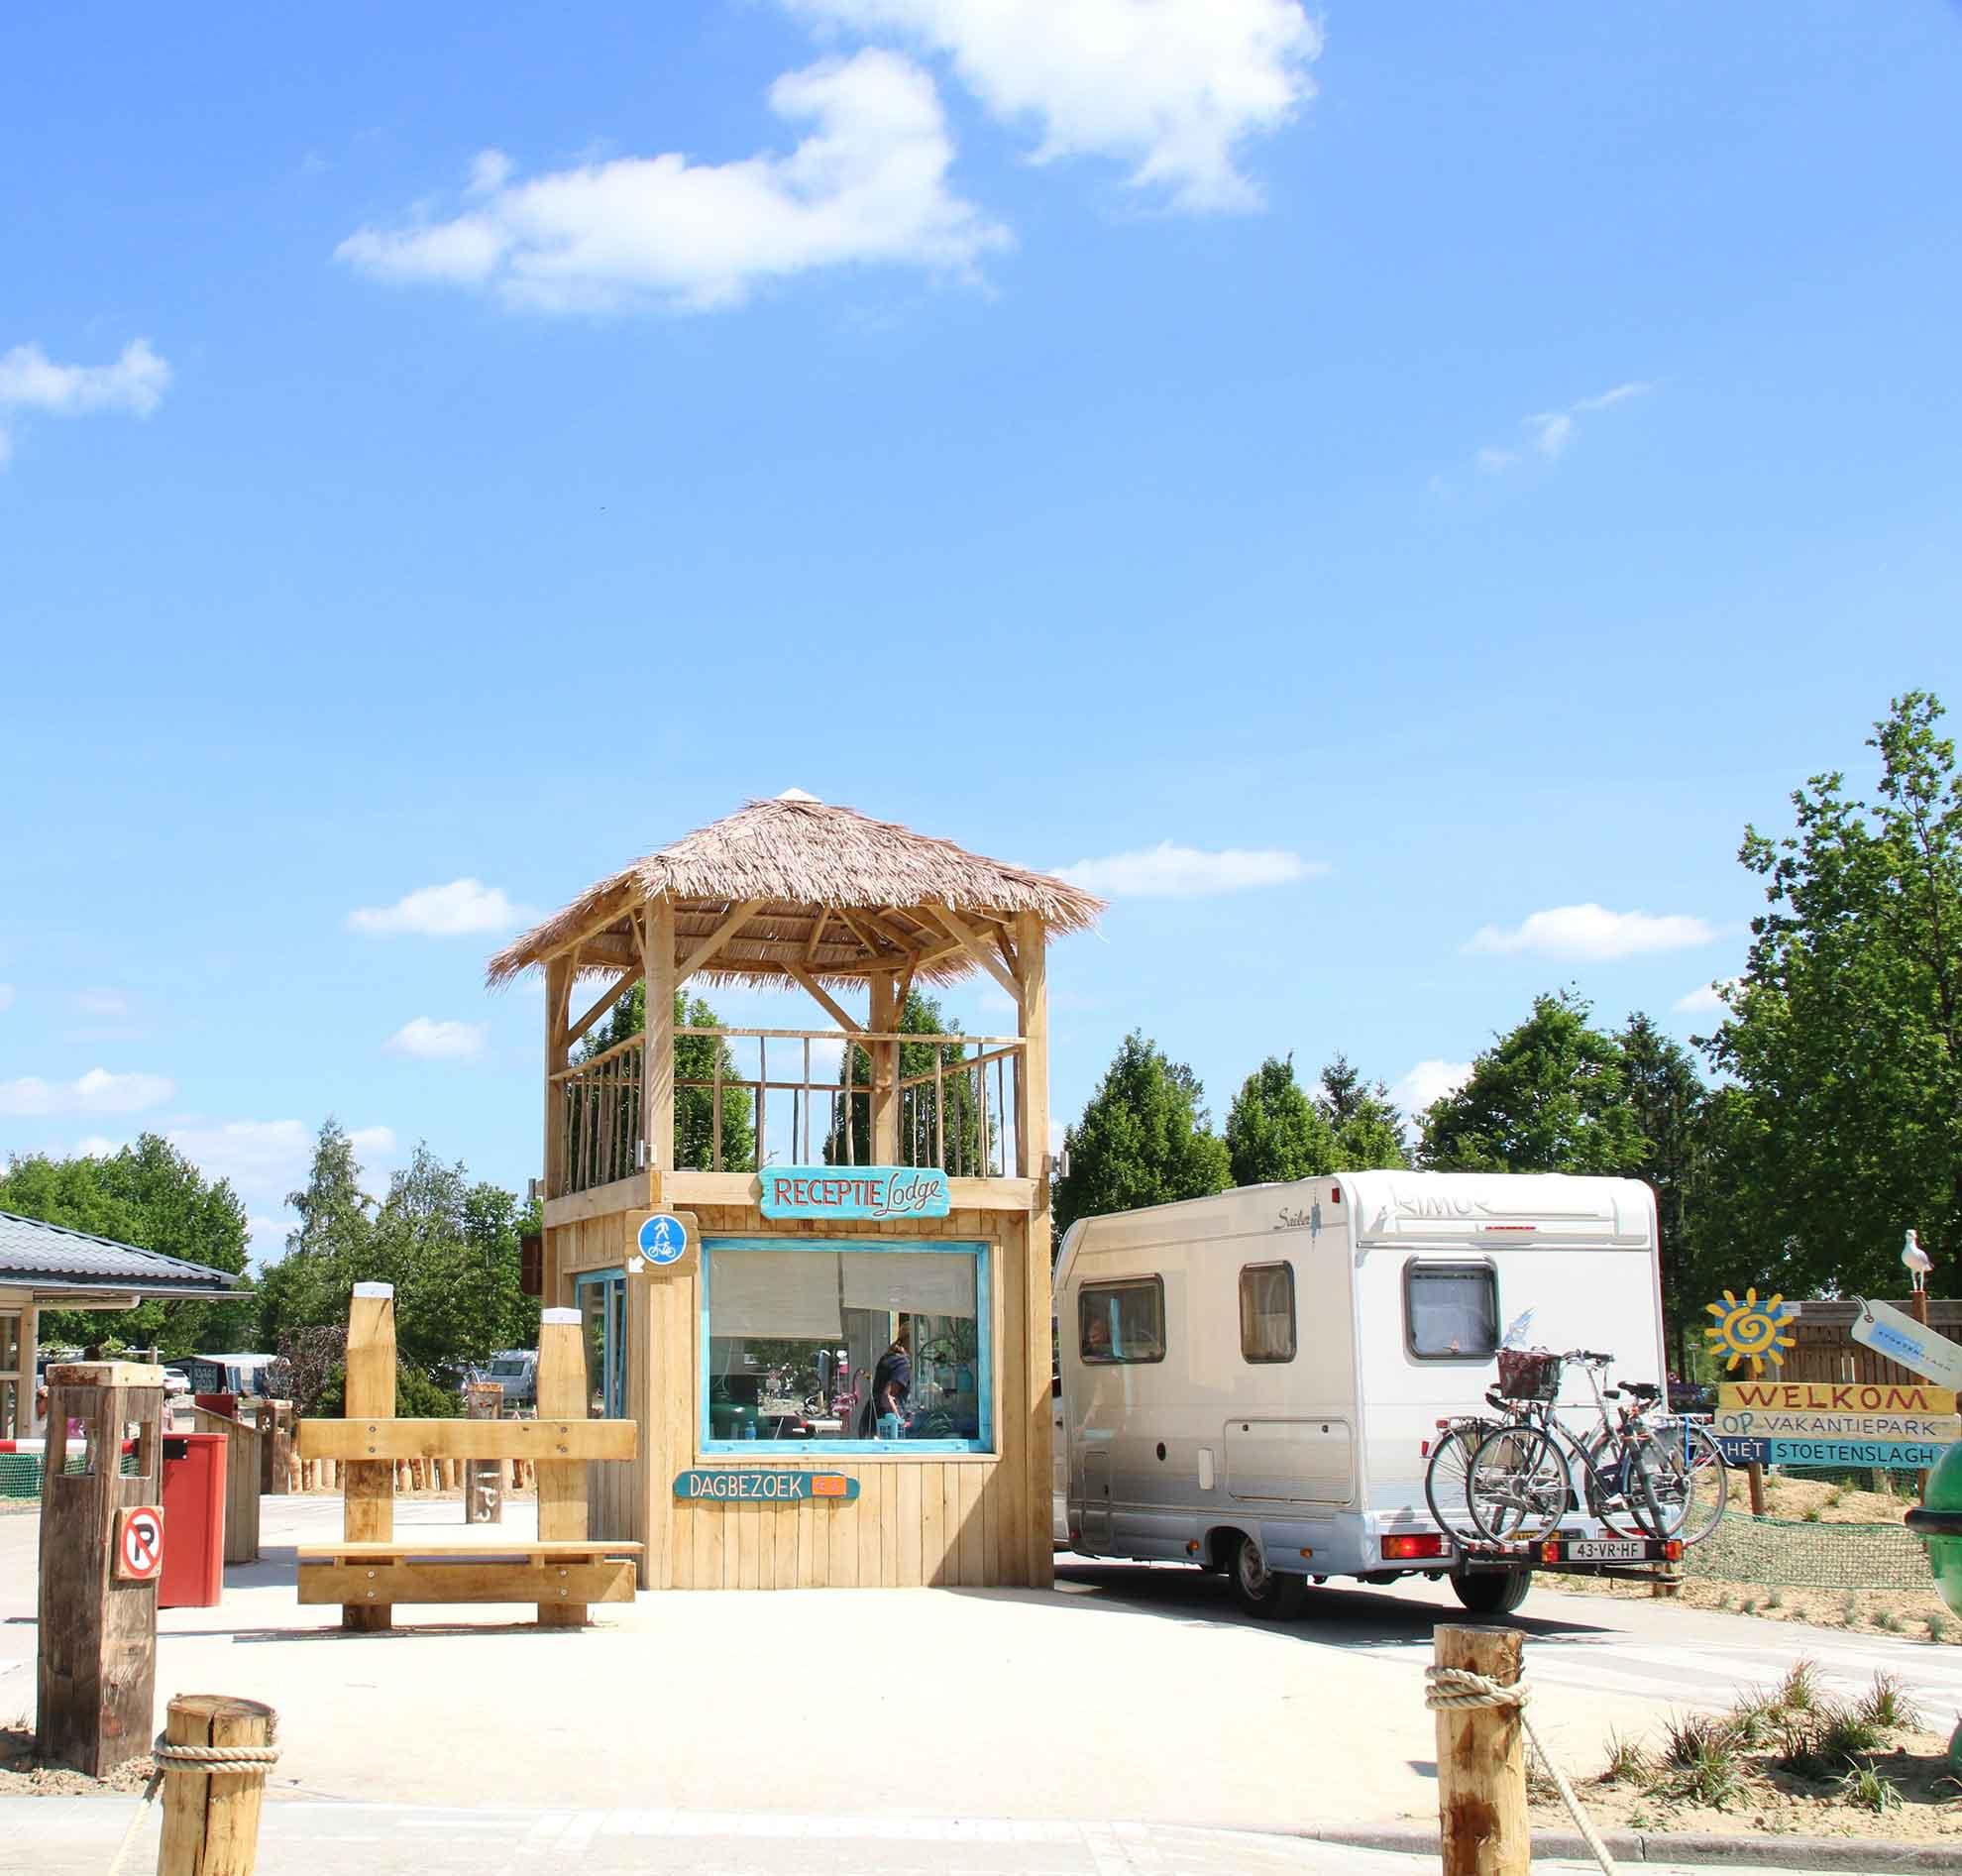 Camping-Stellplatz in Holland für die Vorsaison - Stellplatz Vorsaison